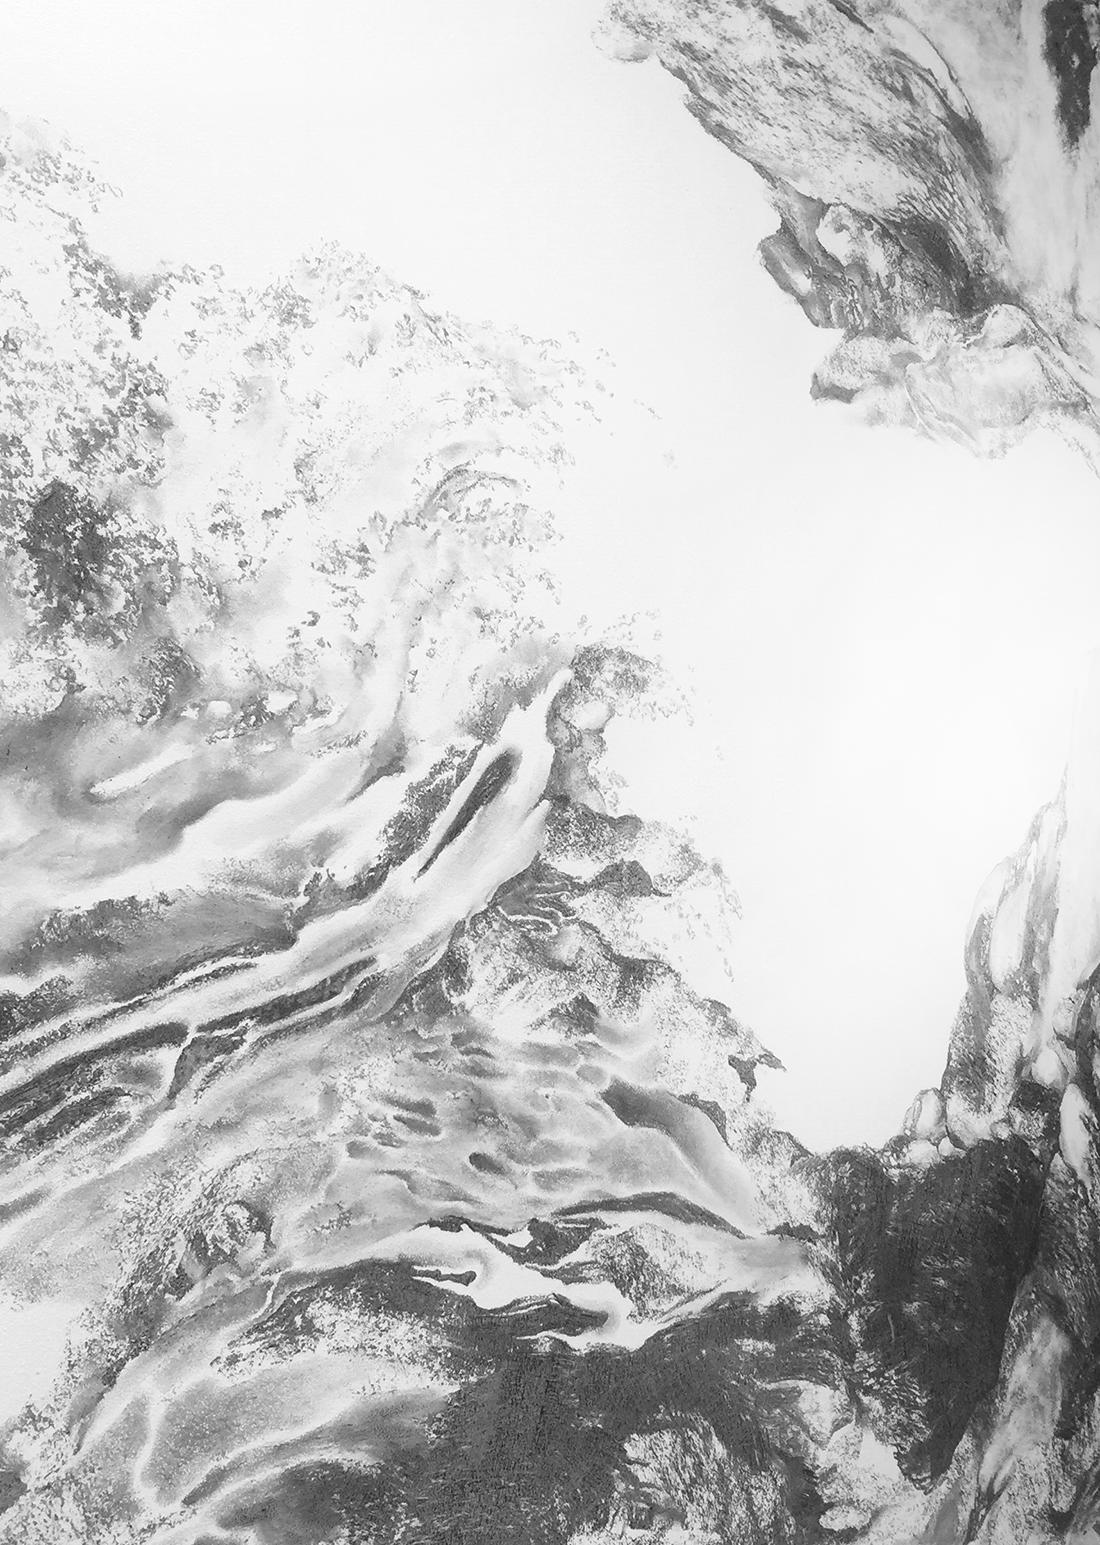 fb11.png